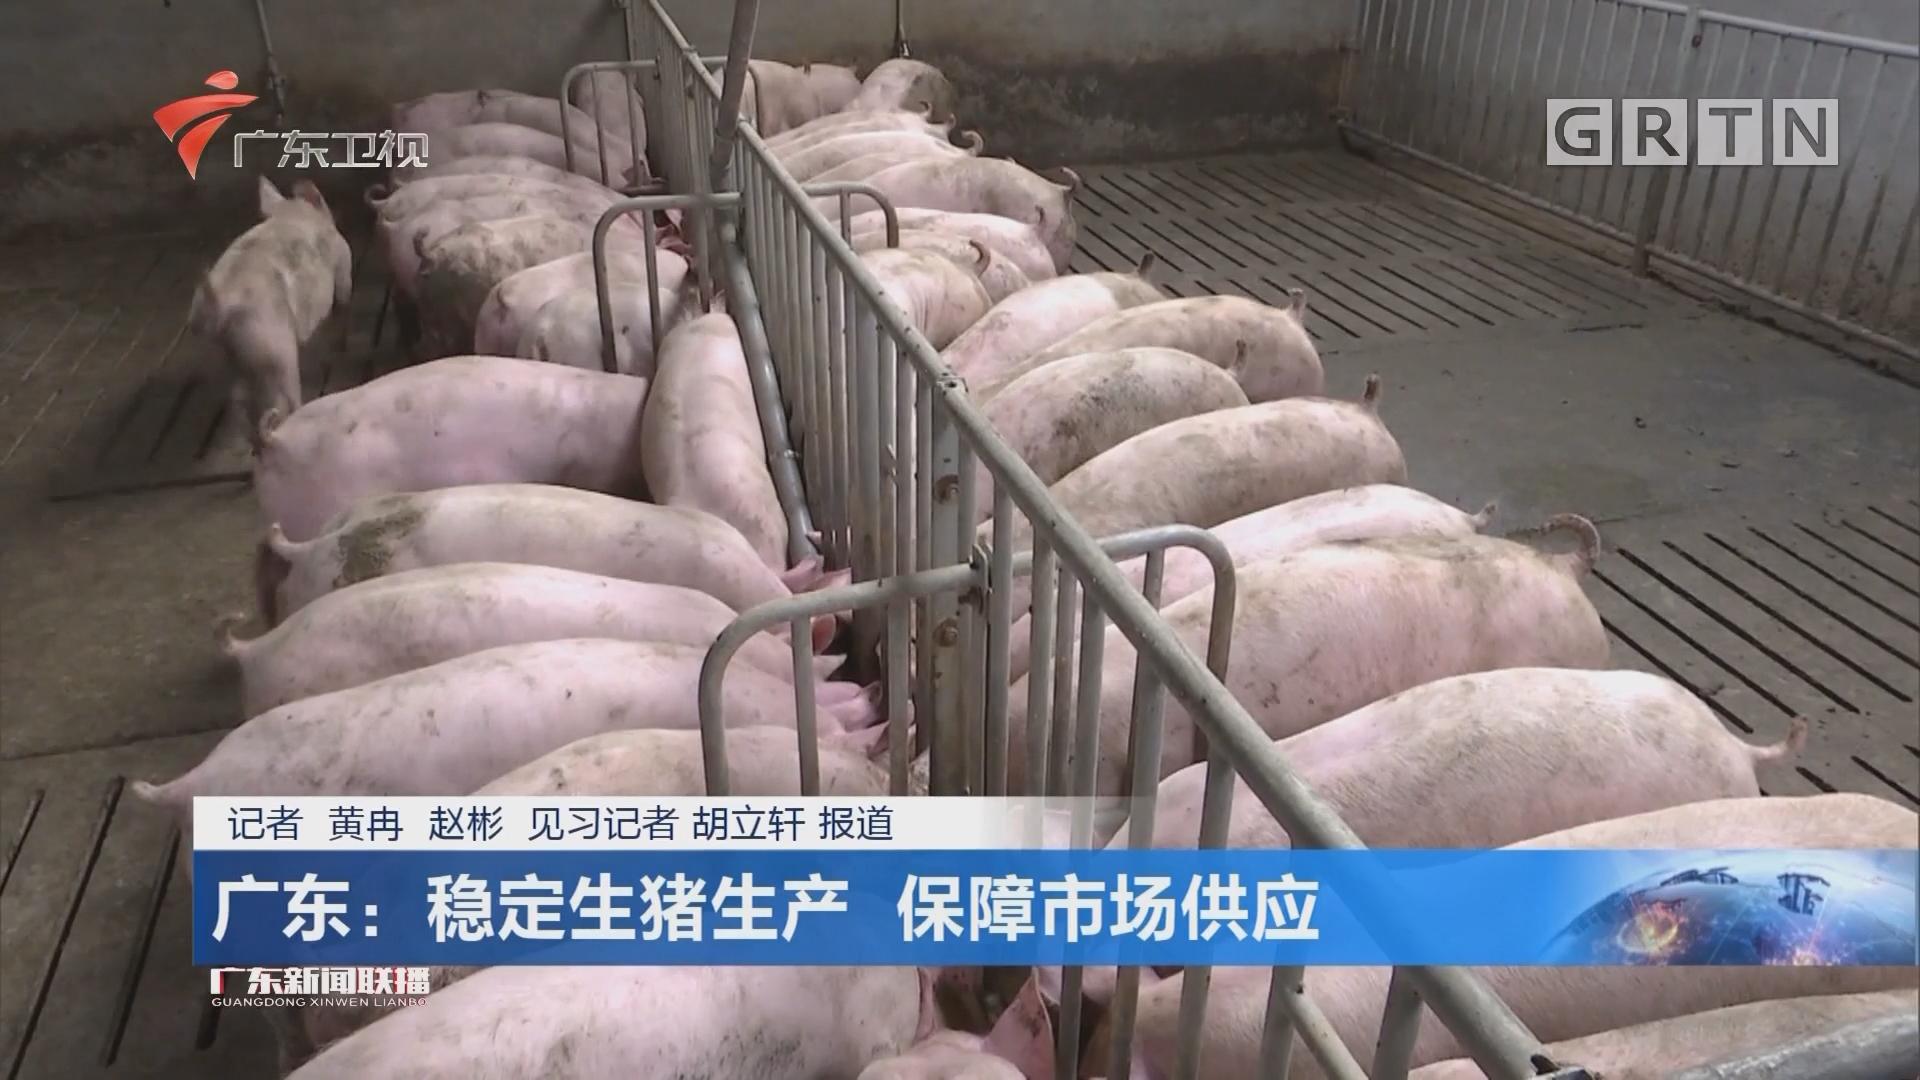 广东:稳定生猪生产 保障市场供应